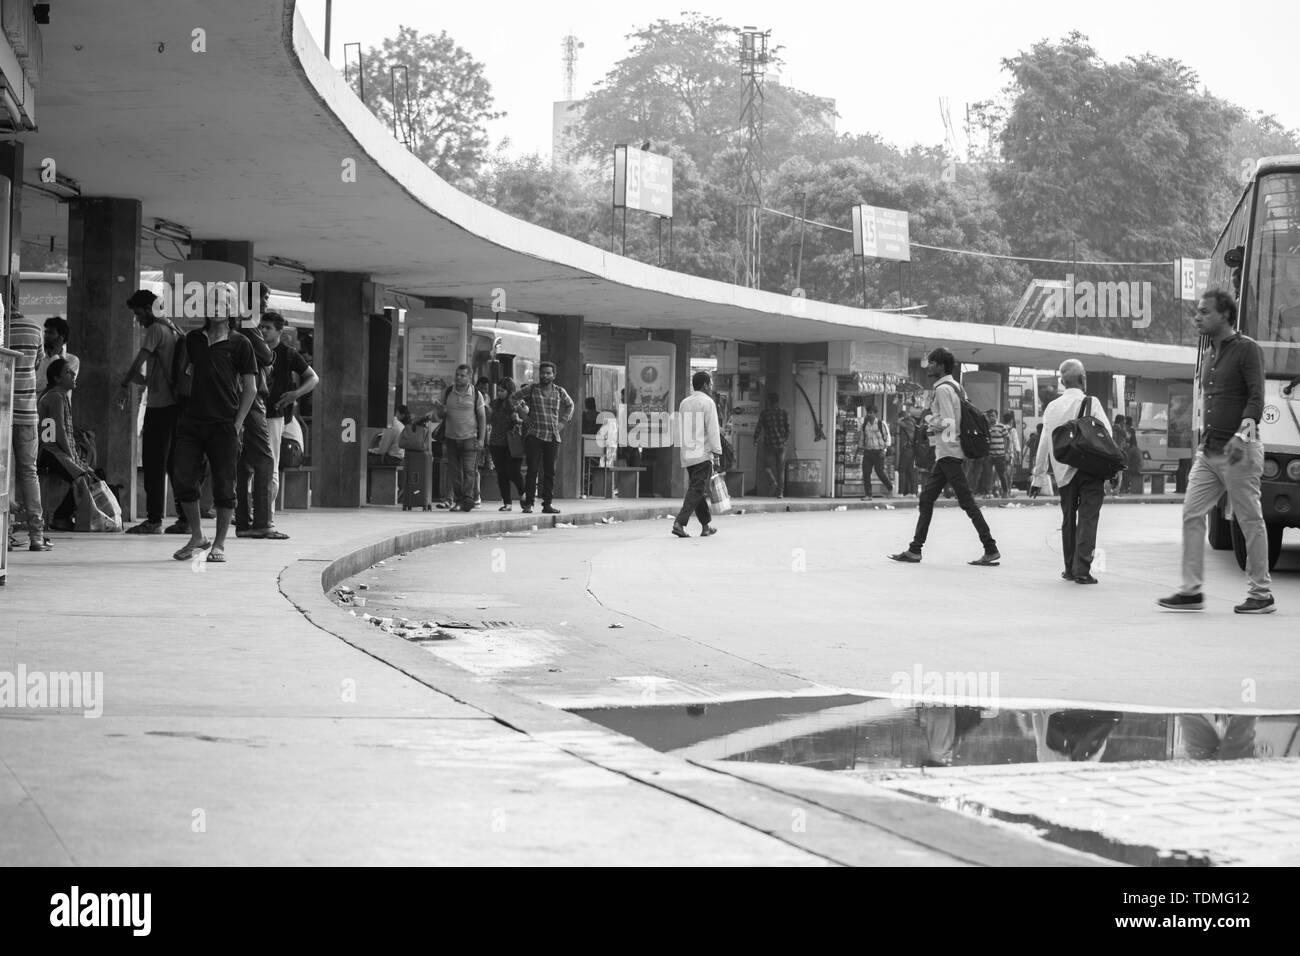 BANGALORE INDIA June 3, 2019 : Monochrome Image of busy people waiting for bus at Majestic Bus Station Bengaluru, karnataka, India Stock Photo